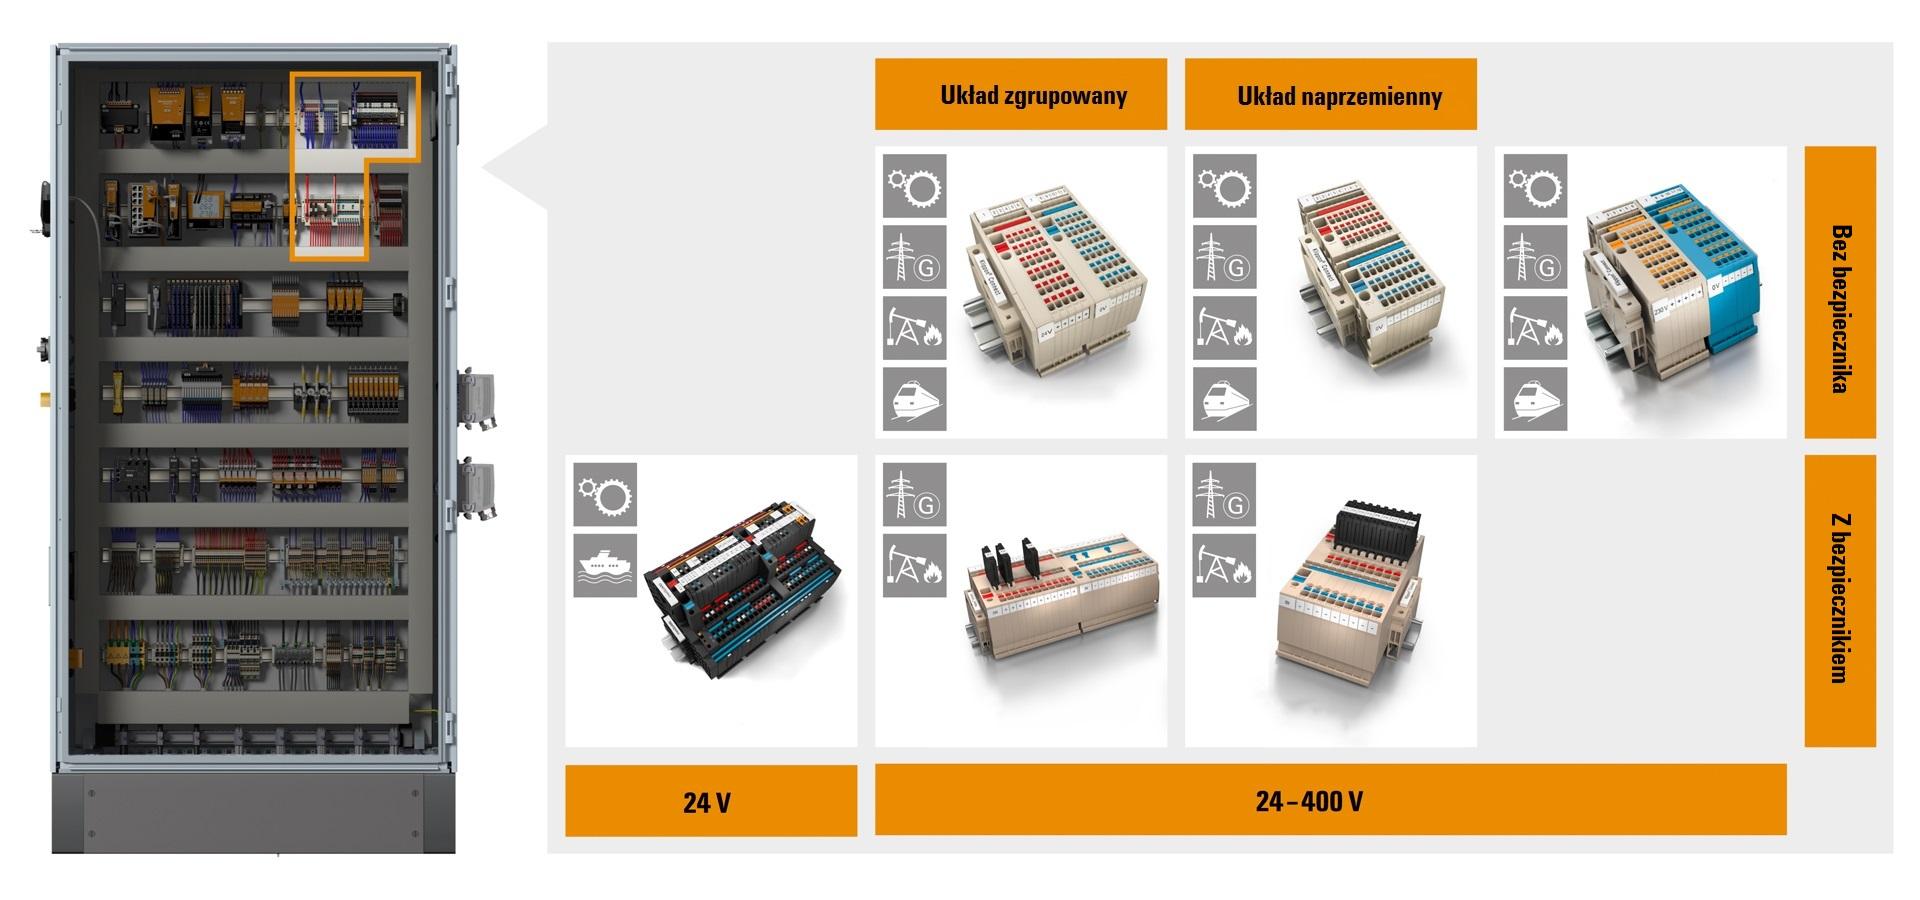 Infografika: System zasilania urządzeń w rozdzielnicy – schemat rozwiązań łączeniowych Klippon Connect firmy Weidmuller